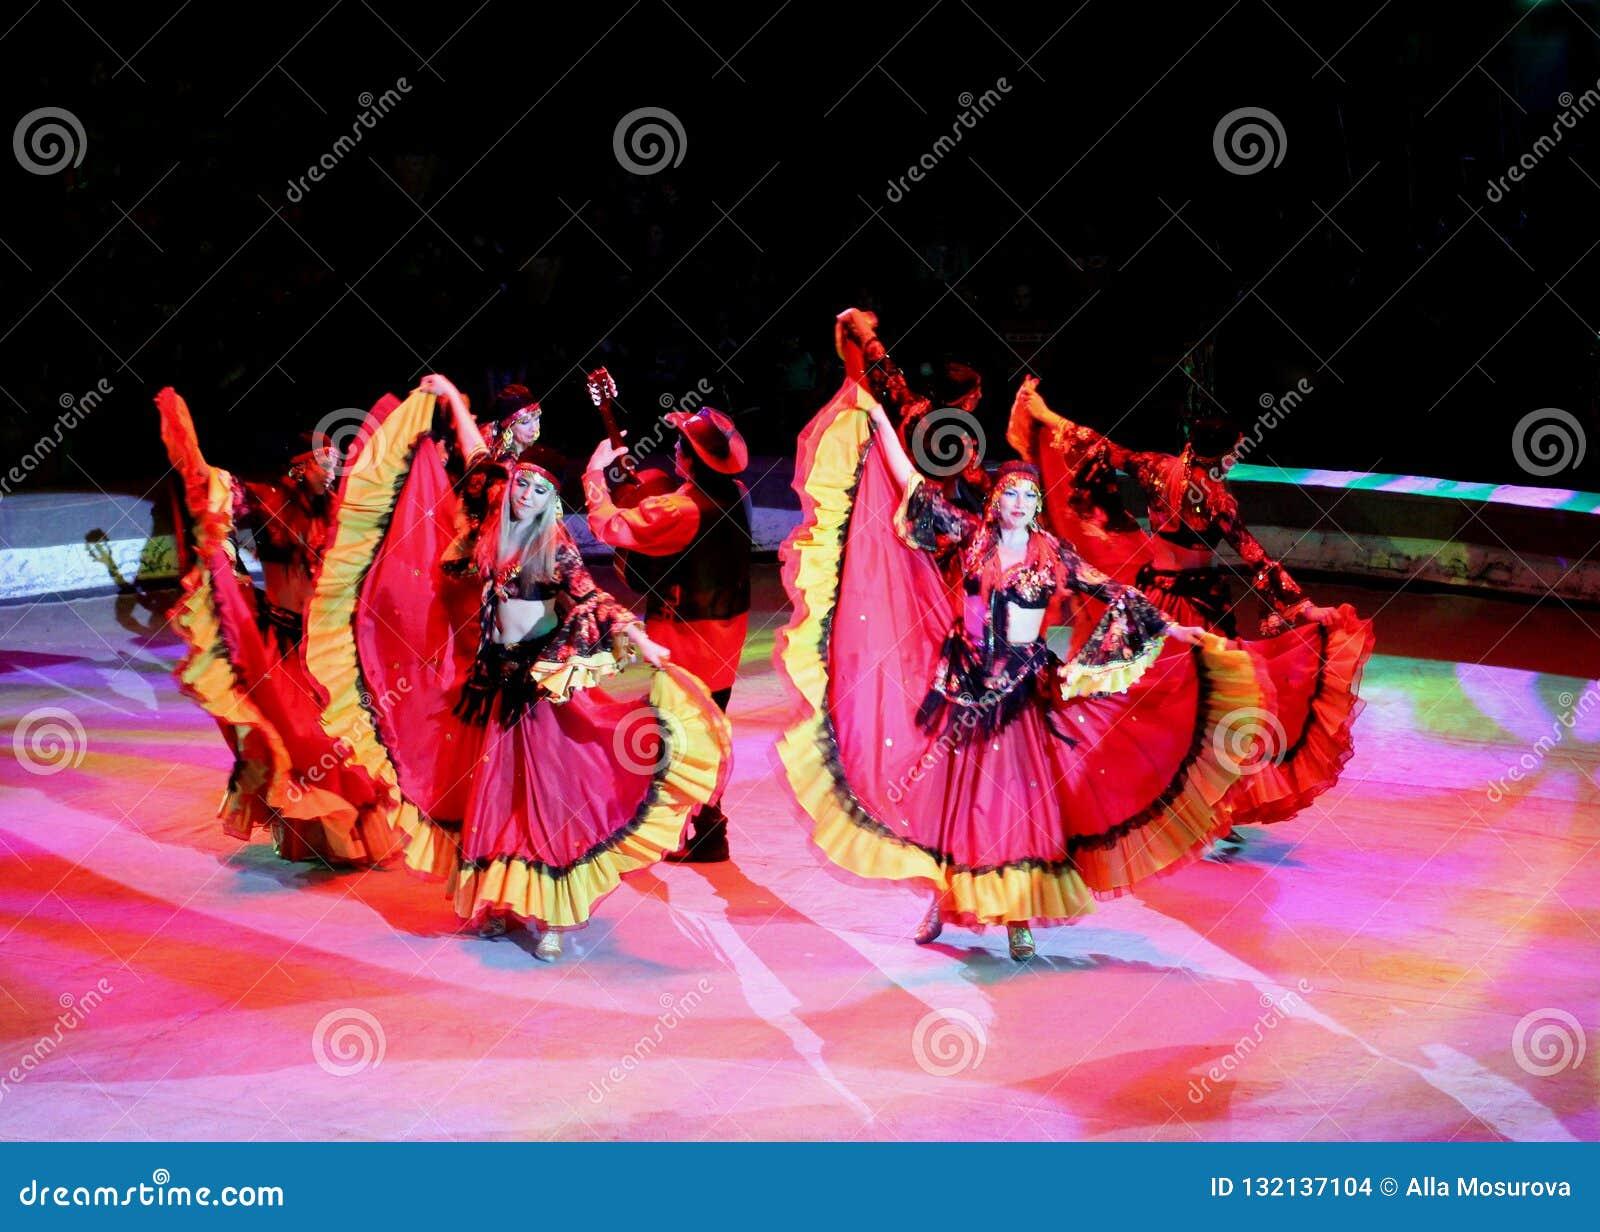 Красивое представление художников на путешествии в шоу цирка